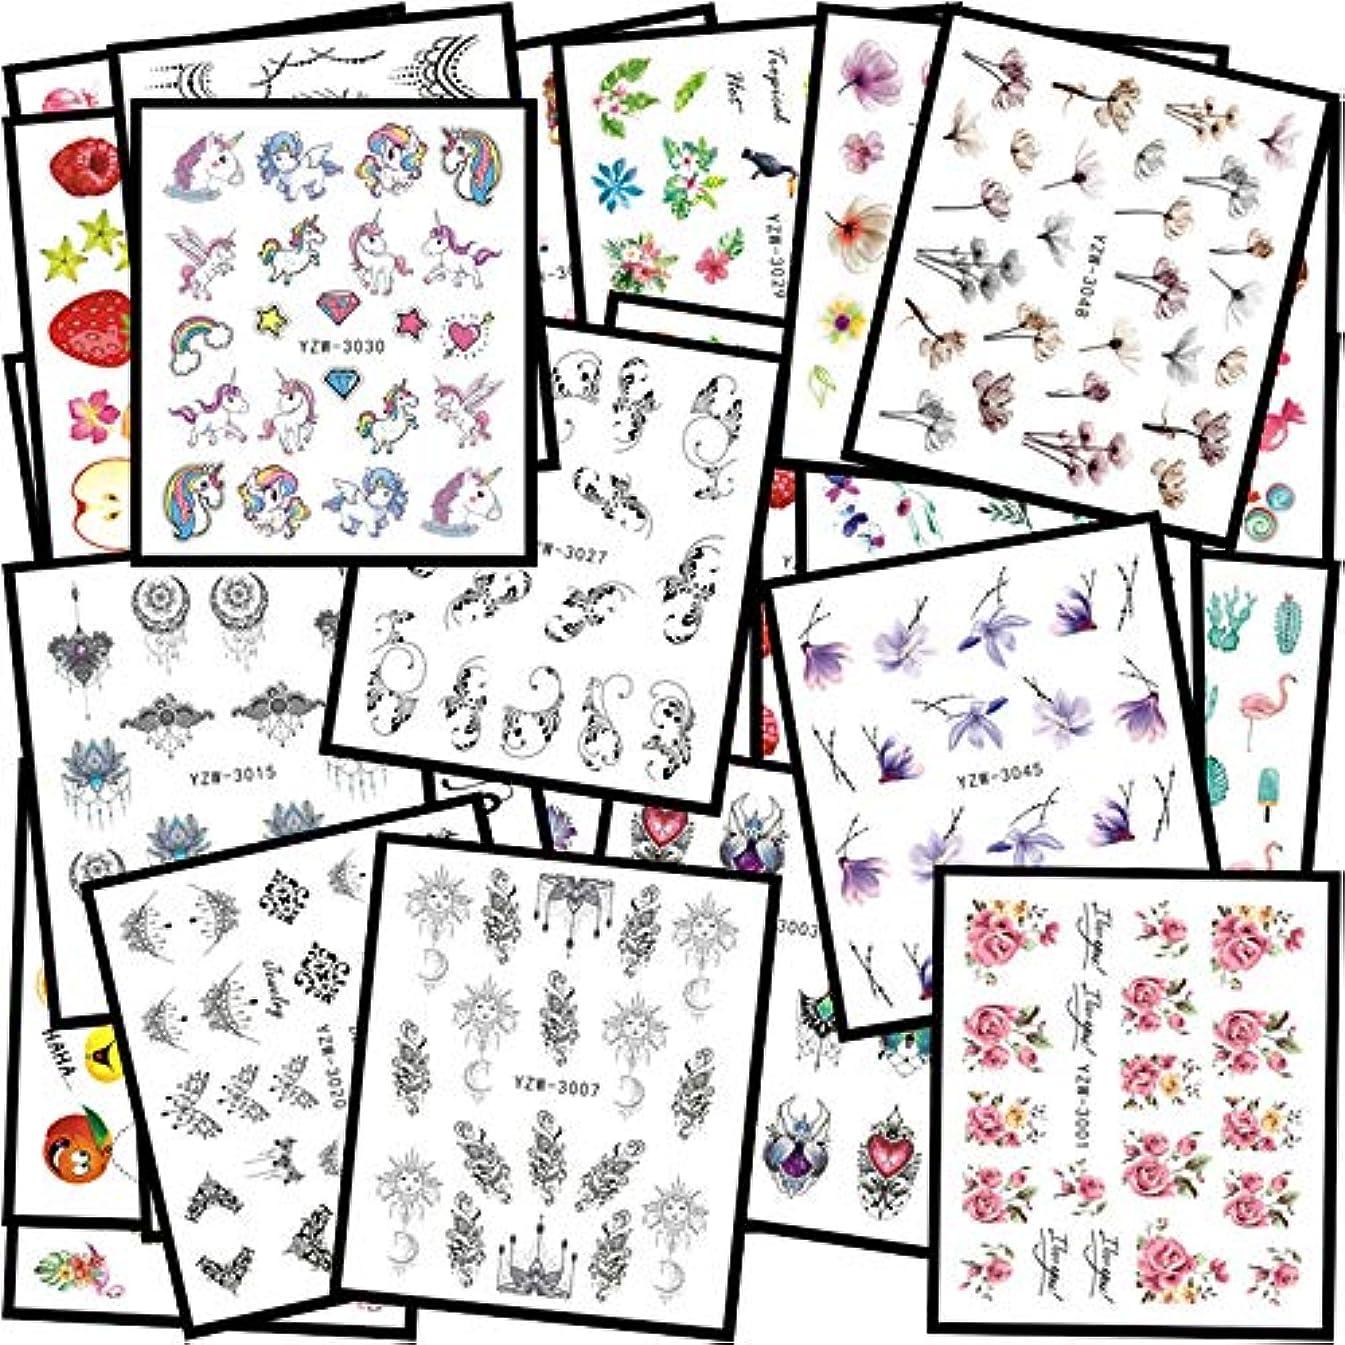 反応するのどシェルKingsie ネイルシール 48枚セット ウオーターシール 花 キャラクター ユニコーン フラミンゴ 果物 ネイルステッカー マニキュア ネイルアート デコレーション